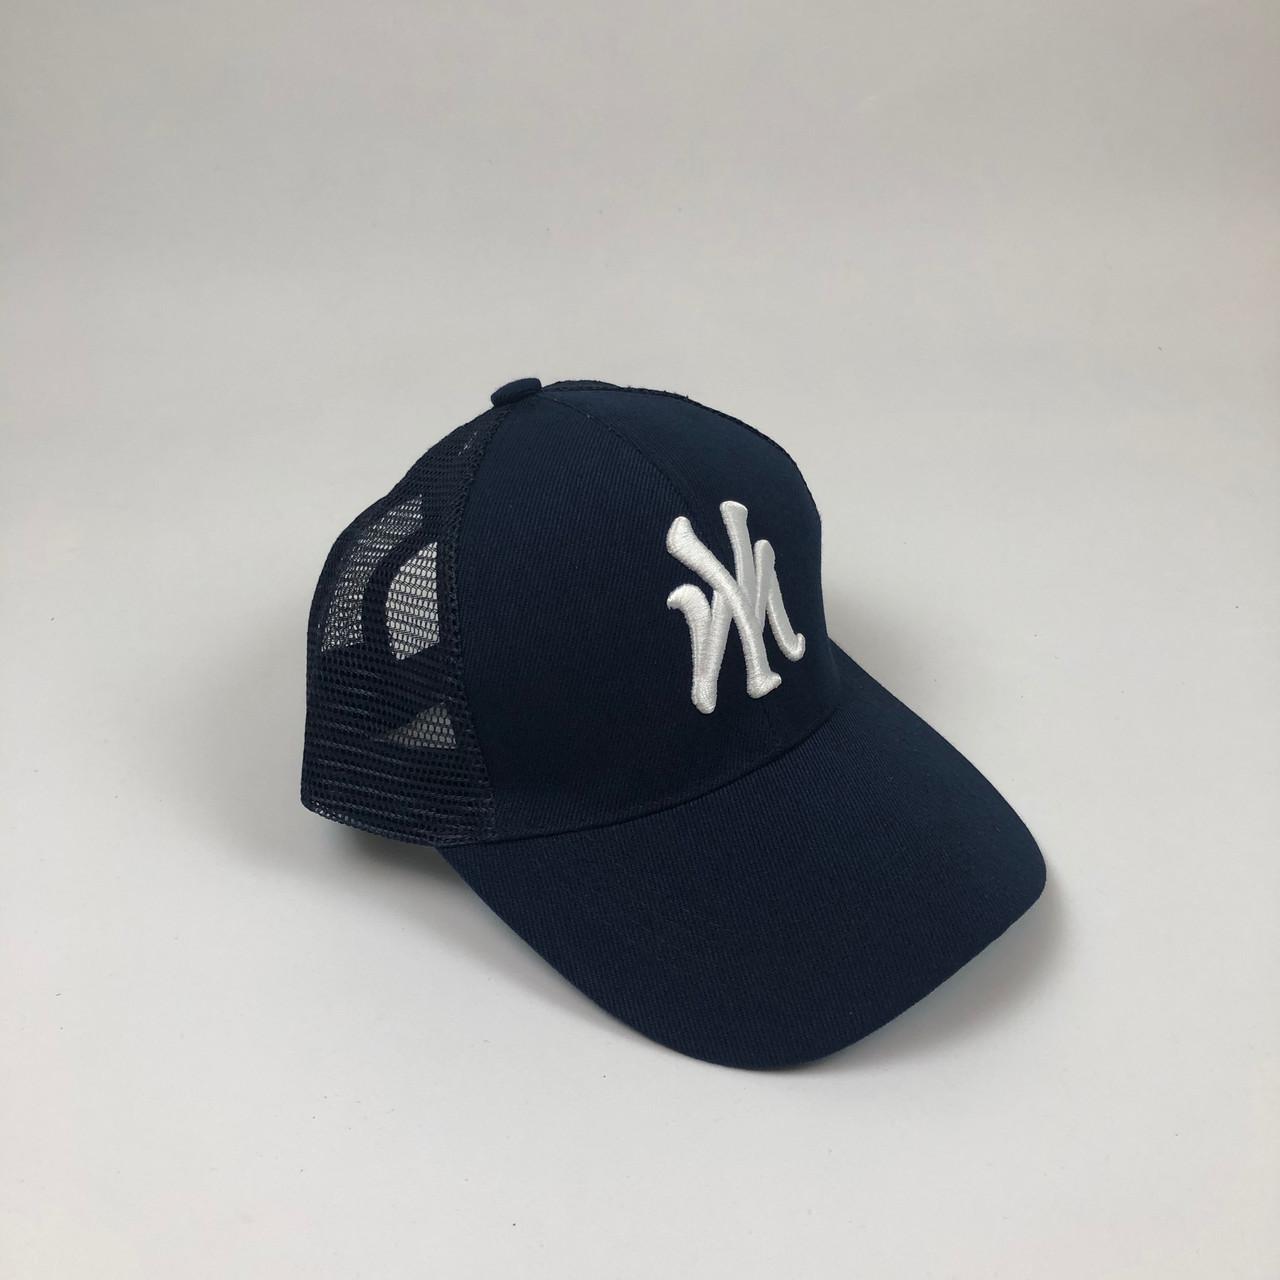 Тракер бейсболка New York Yankees - темно-синий